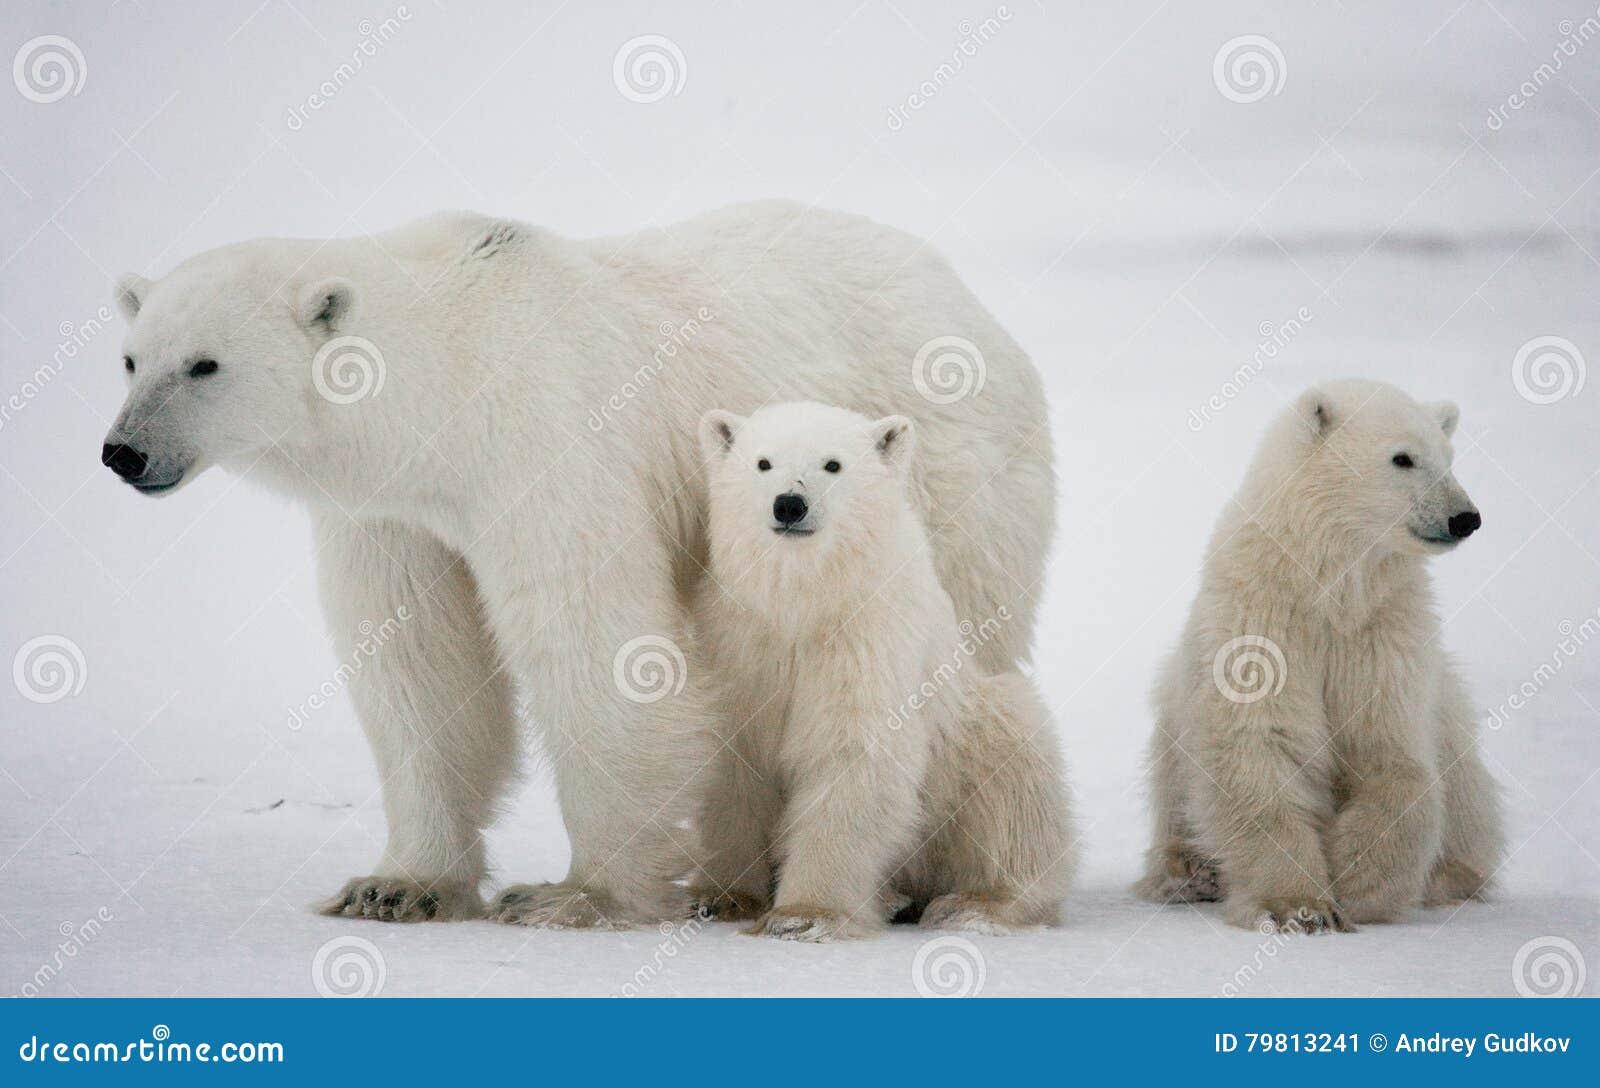 Orso polare con cuccioli nella tundra canada